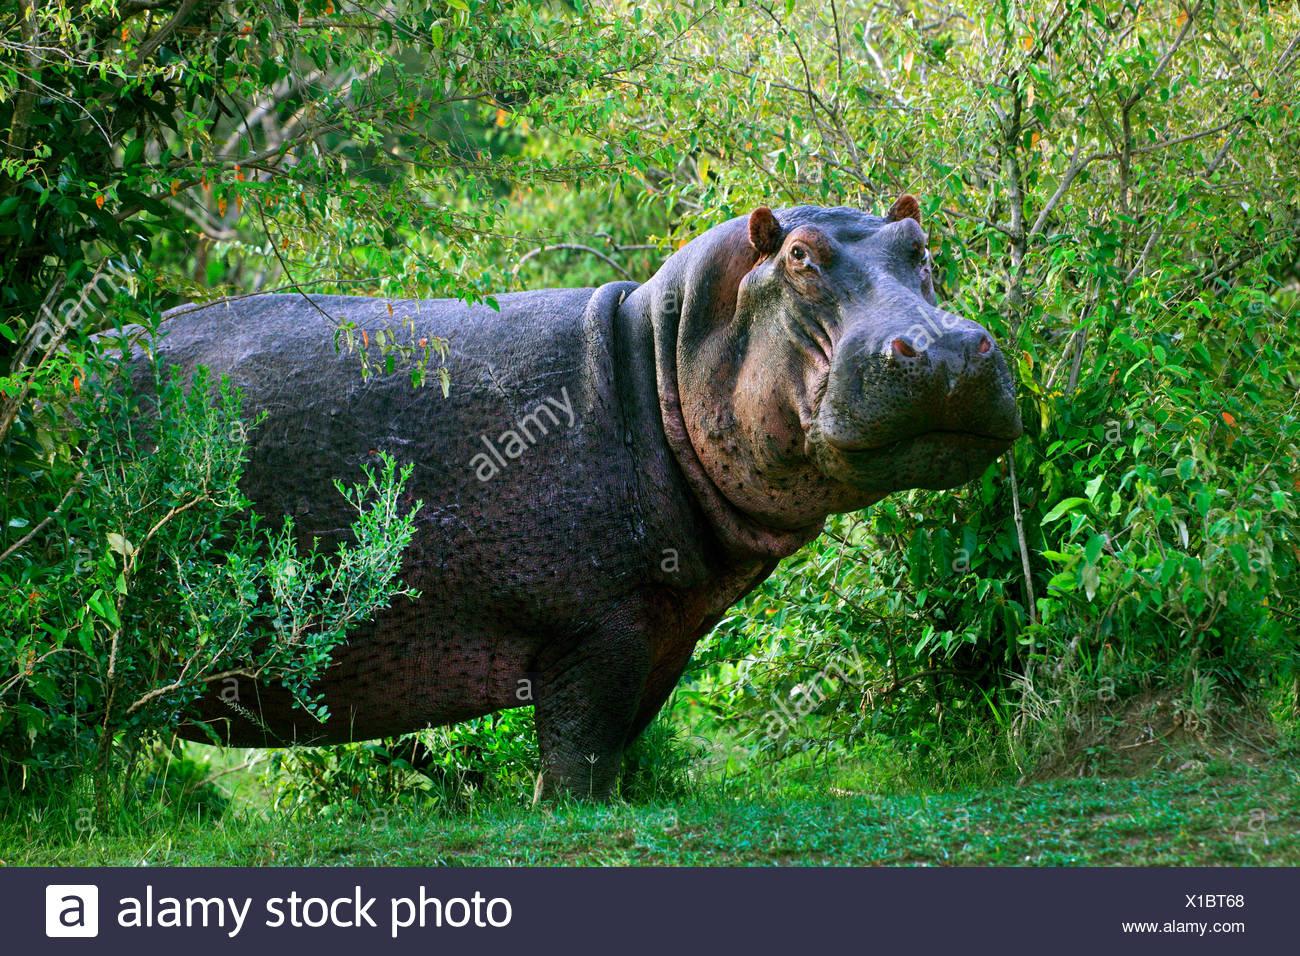 Hipopótamos, hipopótamos, hipopótamo común (Hippopotamus amphibius), en la espesura, África Imagen De Stock